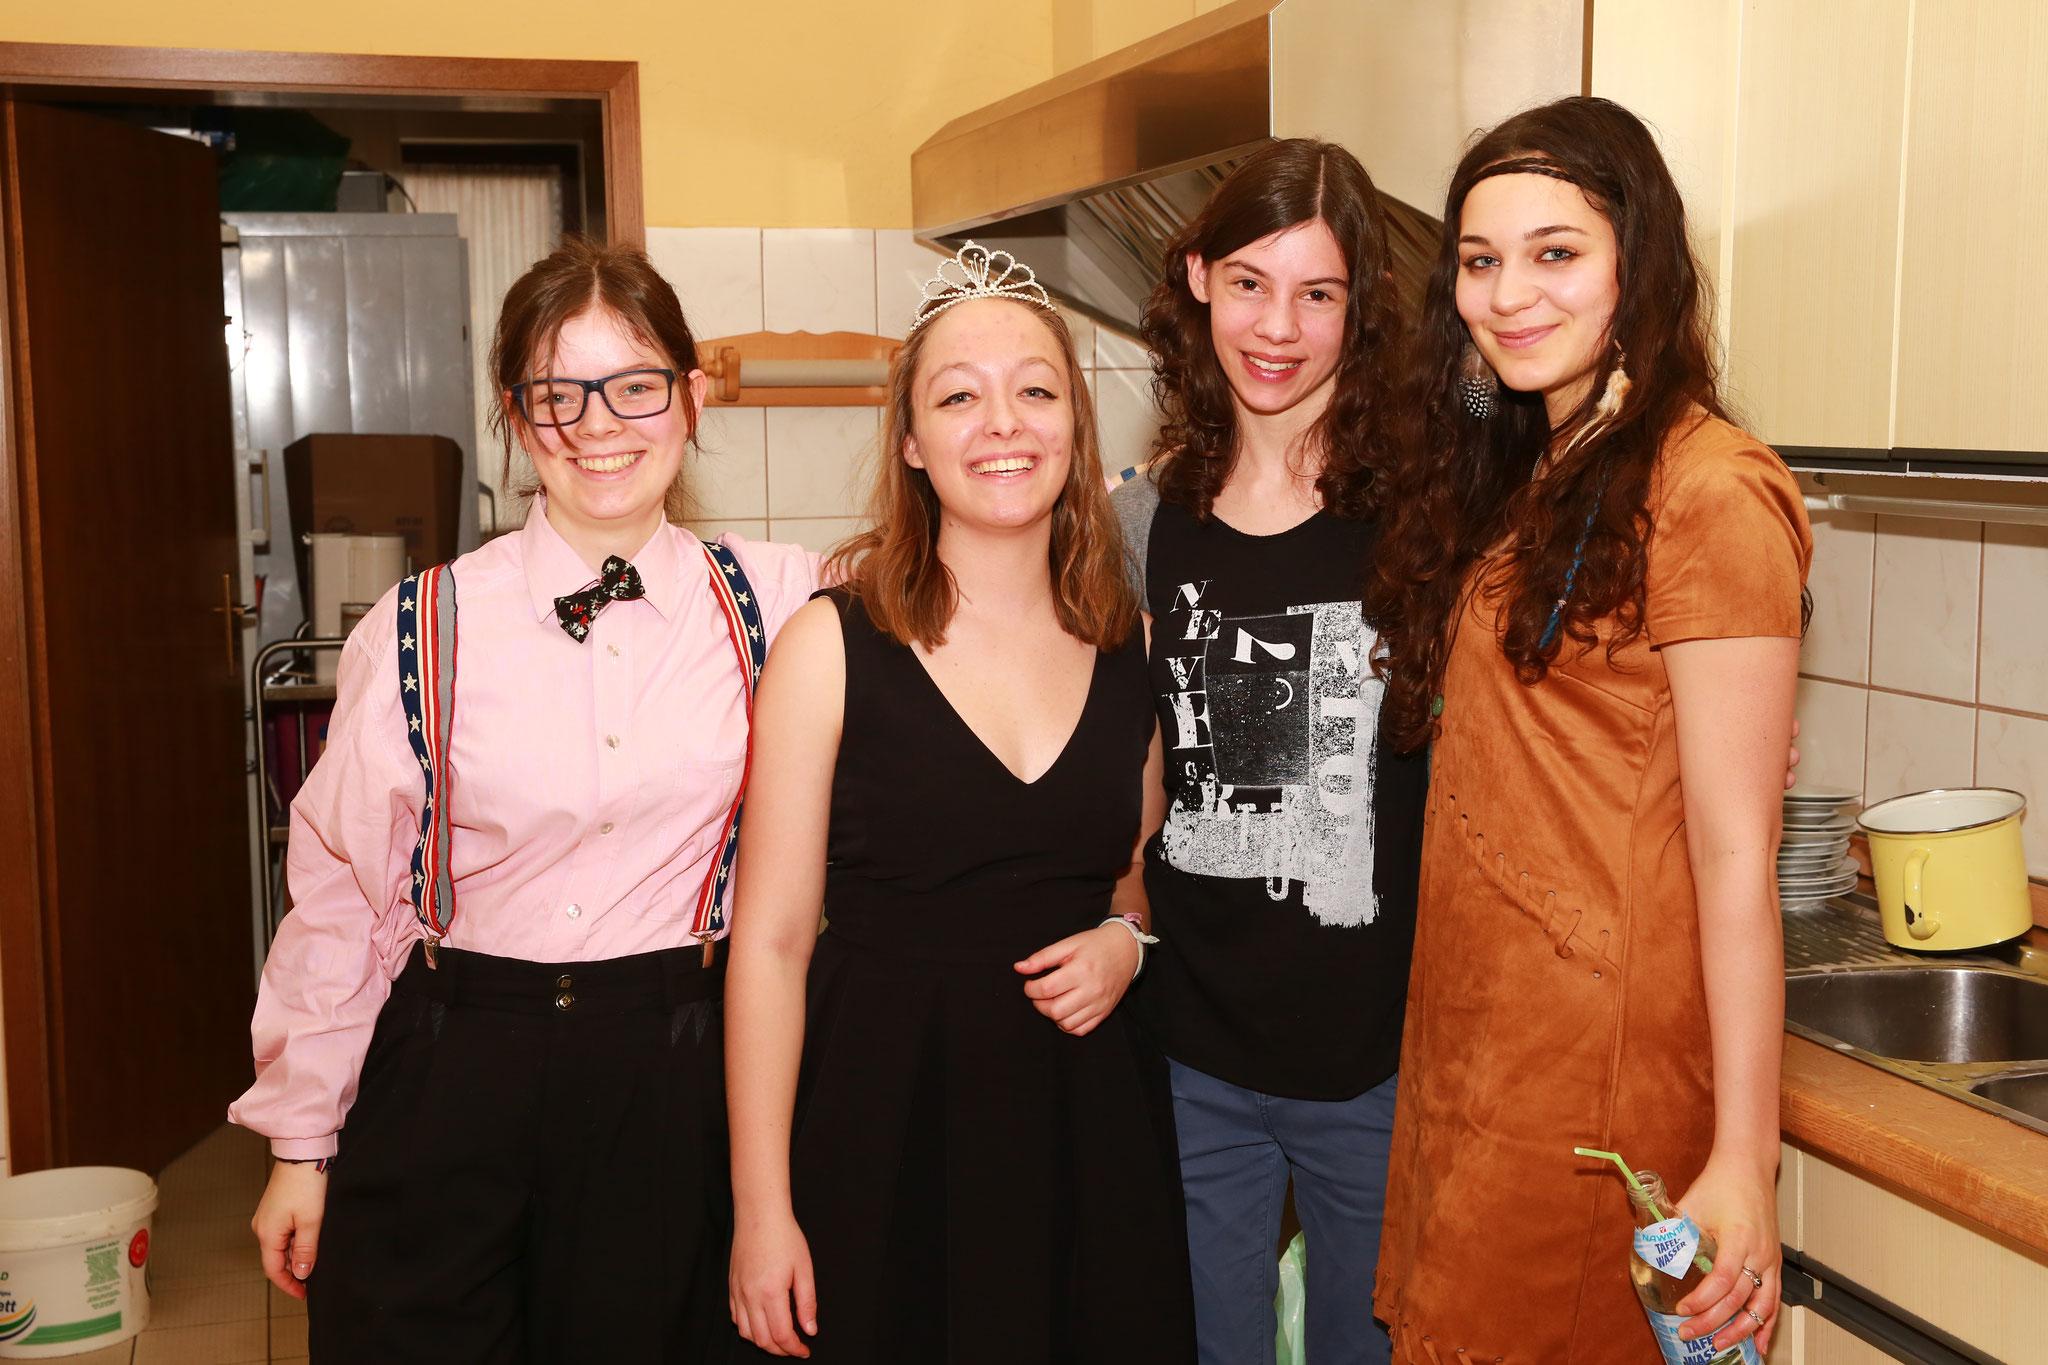 Die fleißige Küchen-Crew hatte alles im Griff ;)